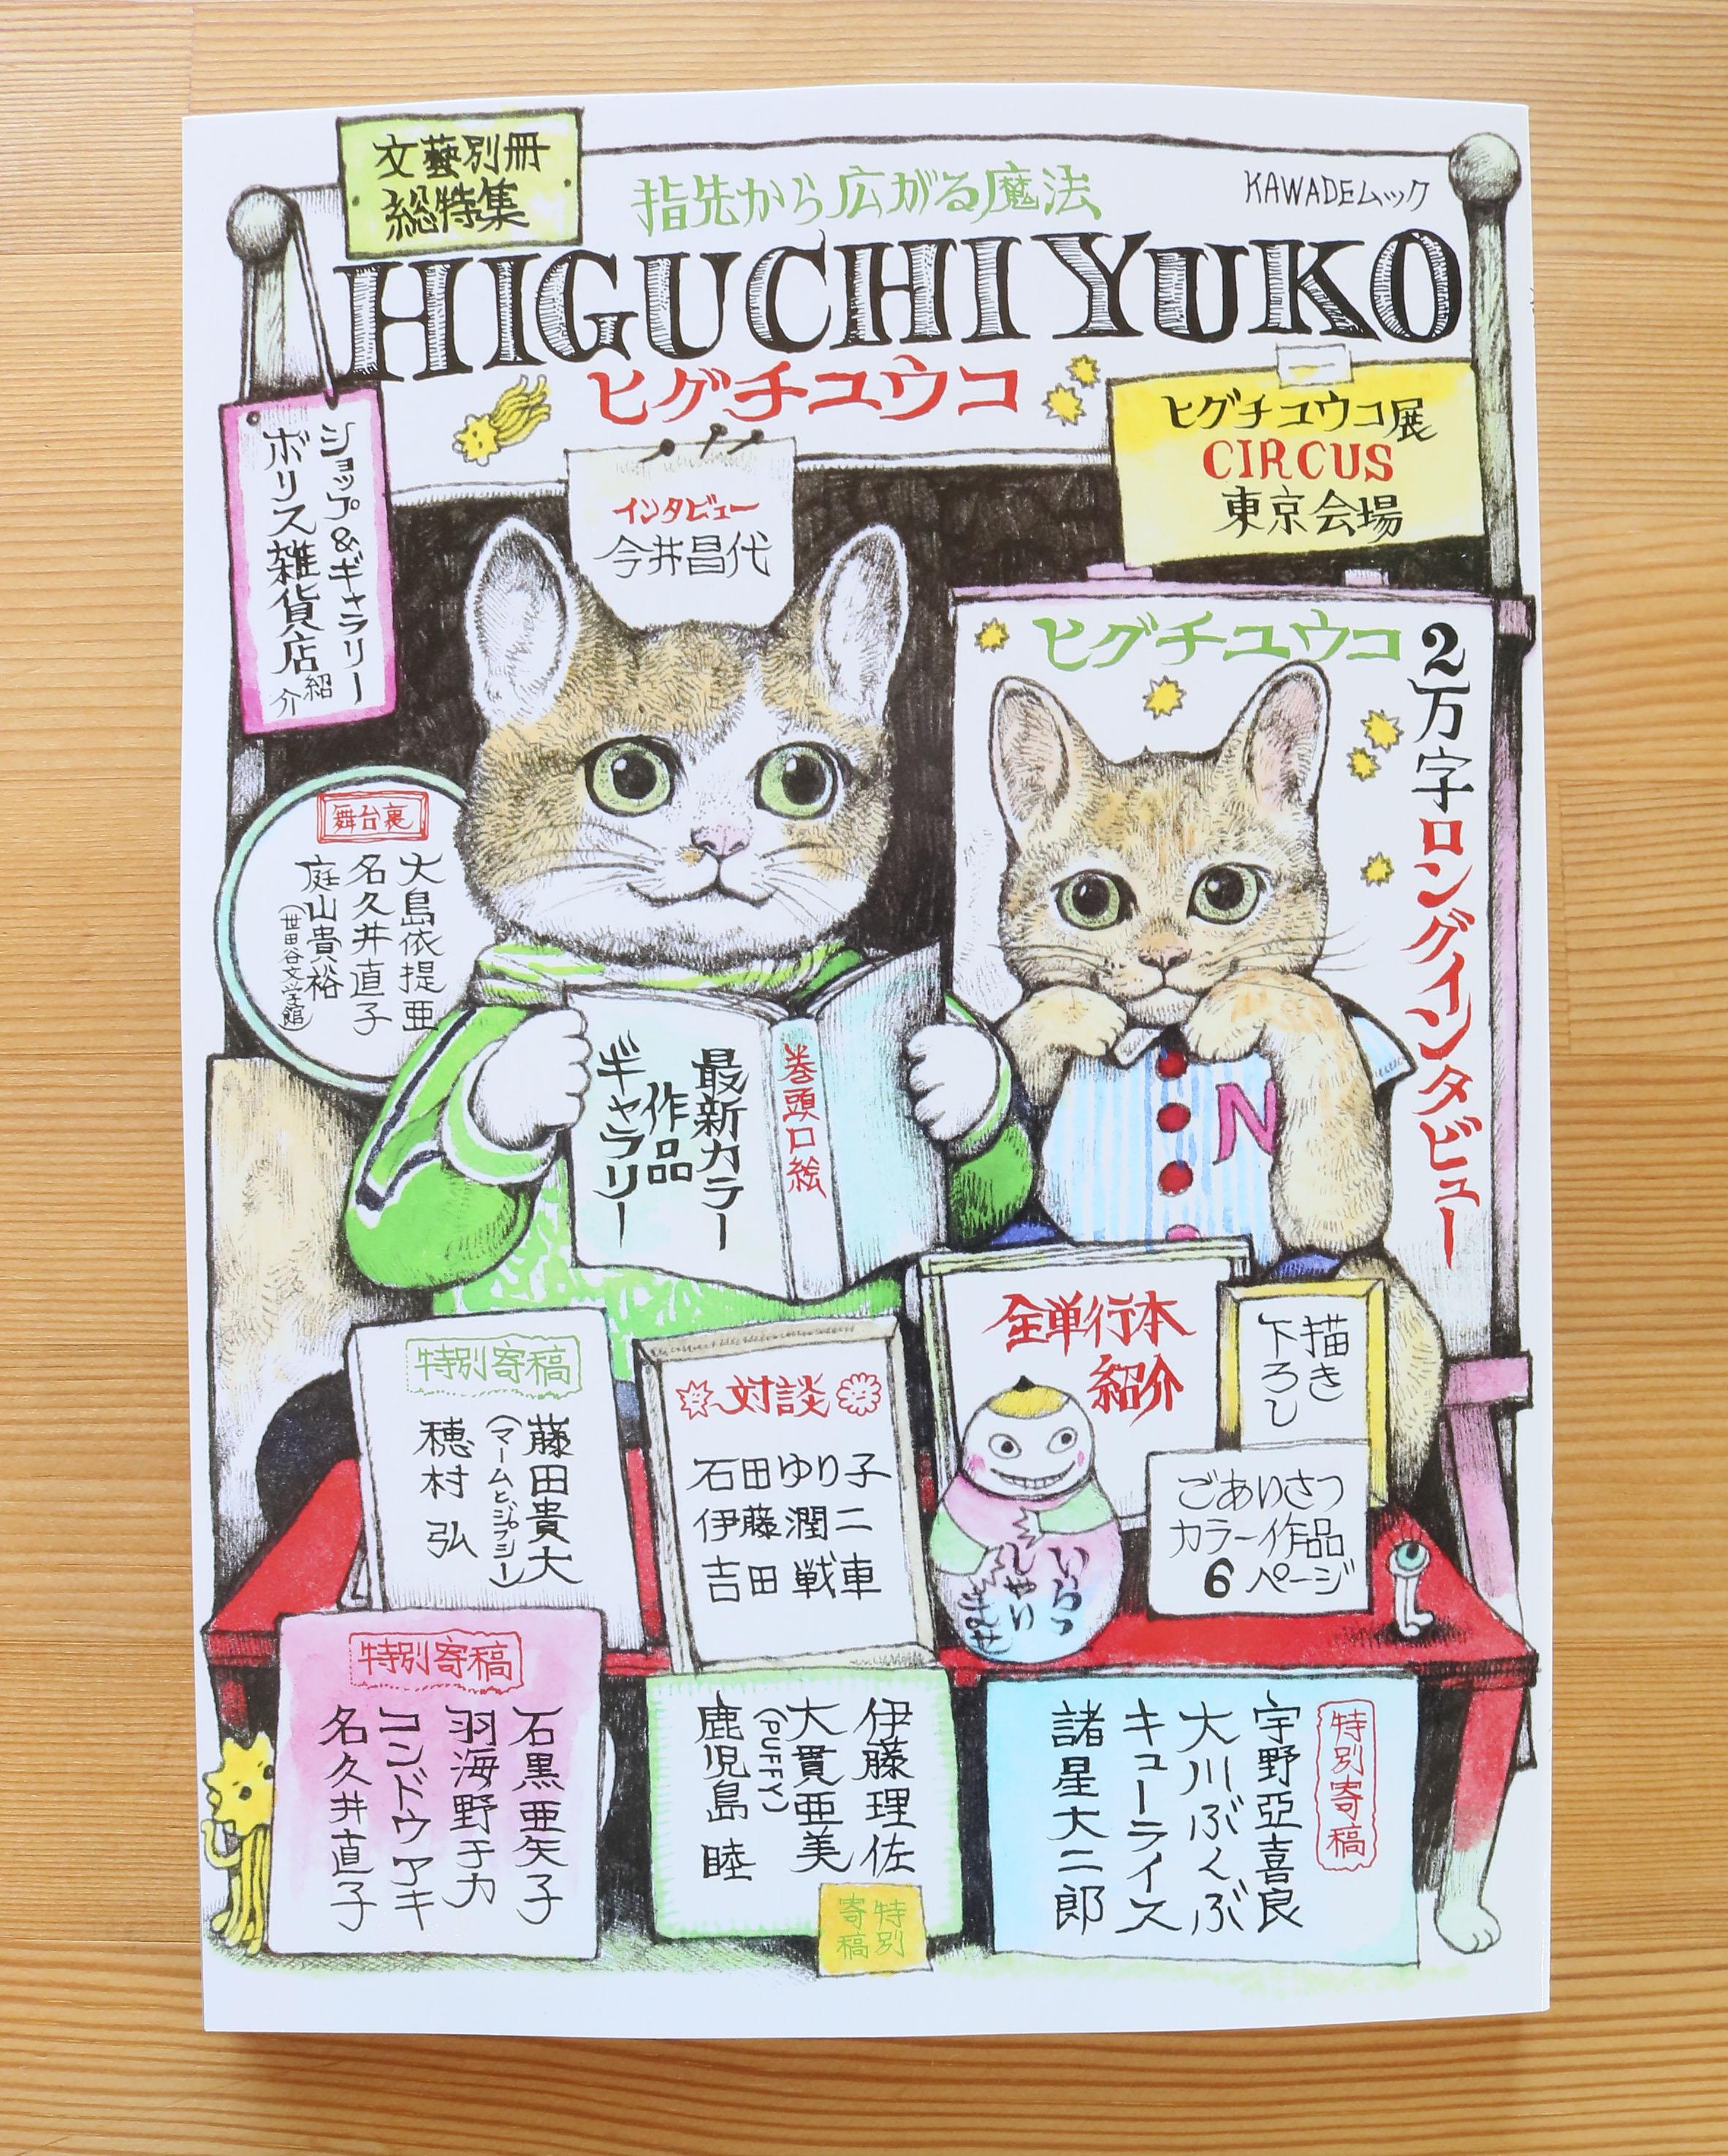 総特集ヒグチユウコ 指先から広がる魔法 猫本 猫絵本 秋田 かぎしっぽ ヒグチユウコ